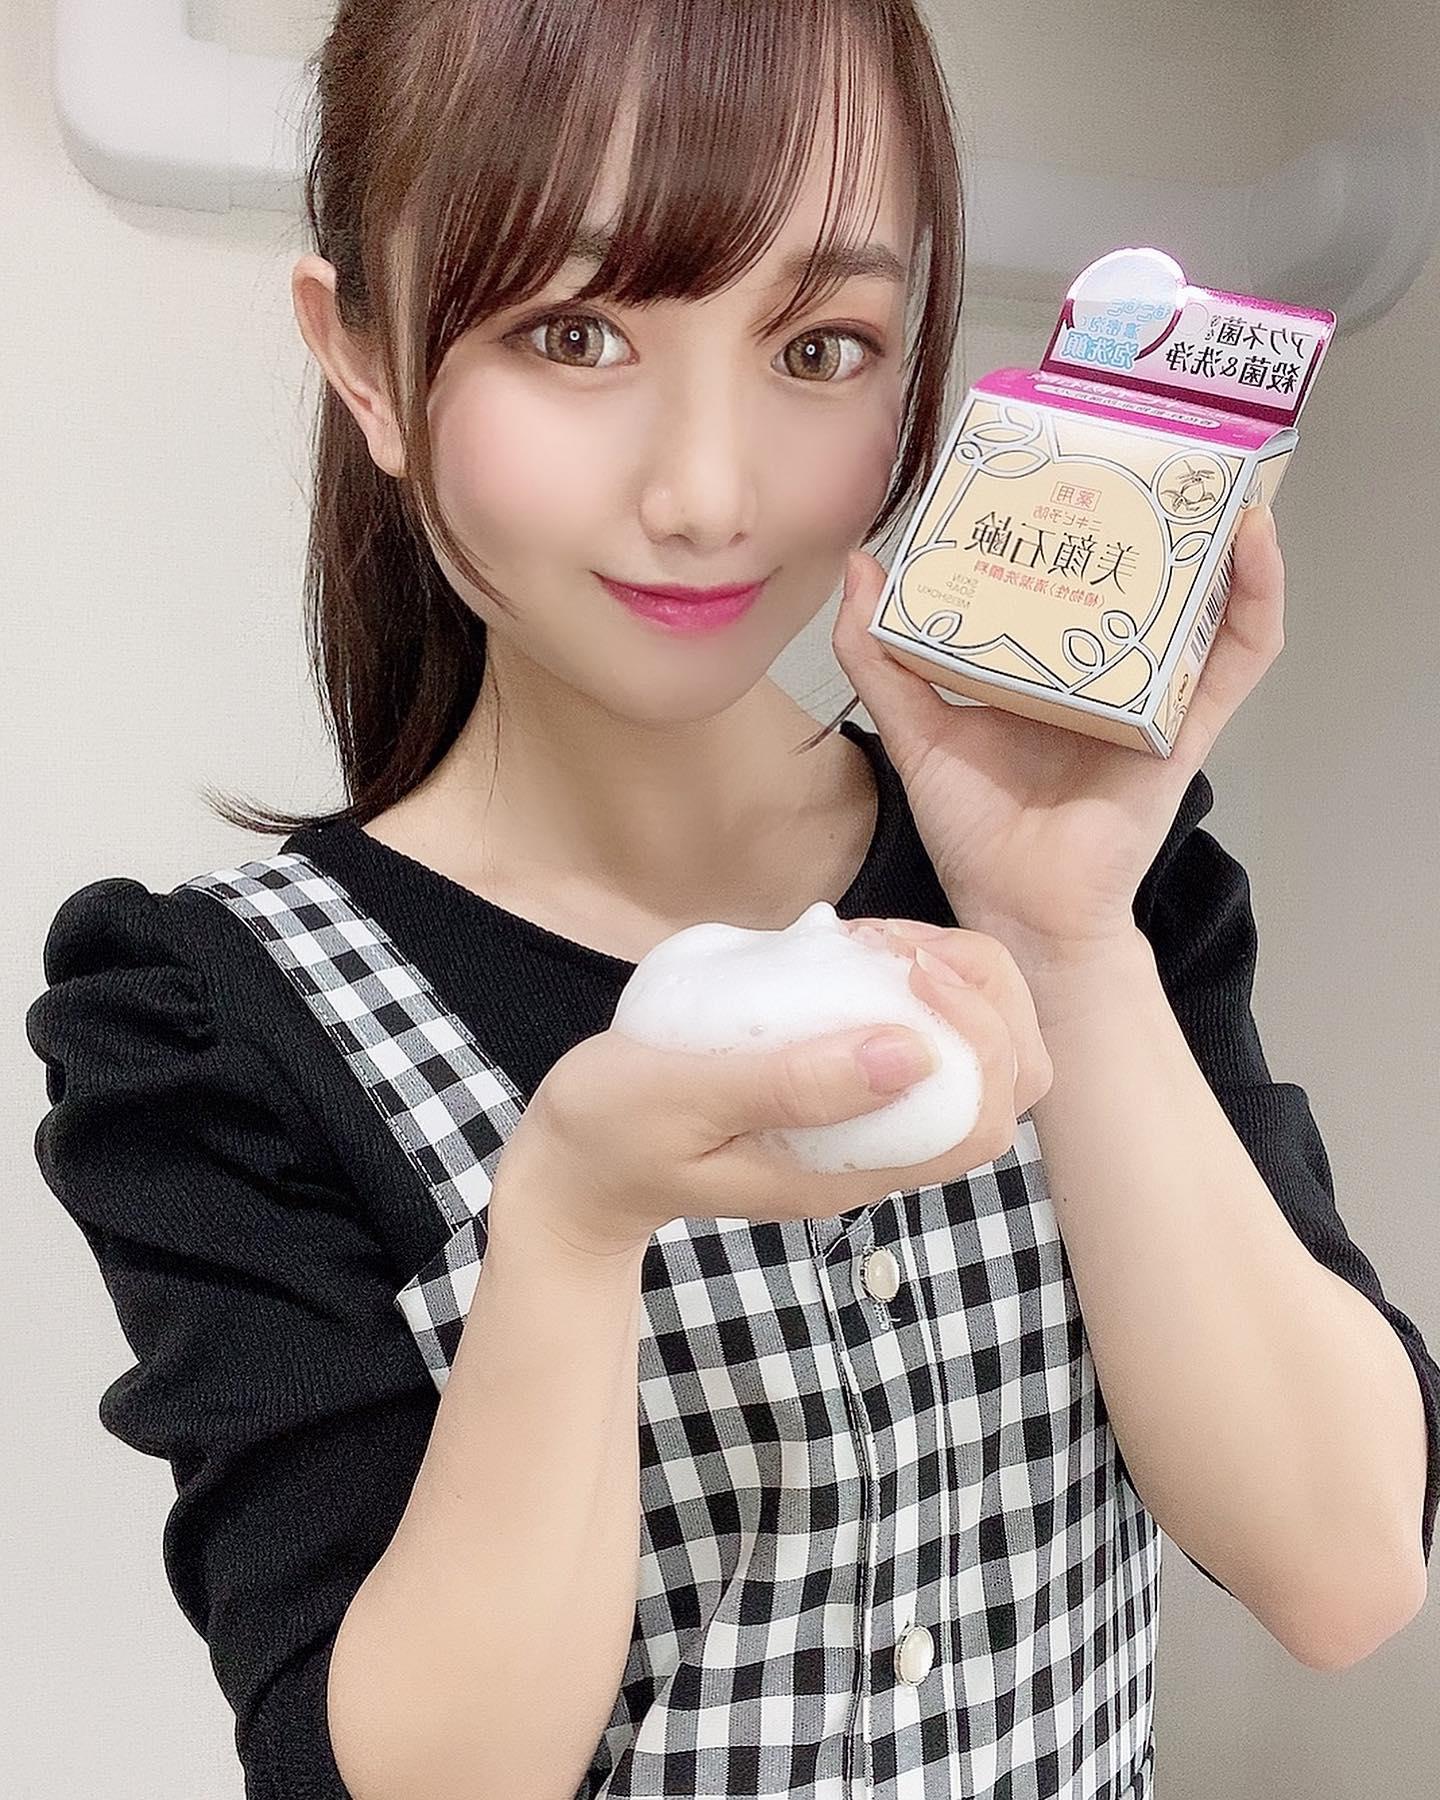 口コミ投稿:・・sponsor: @bigansui @meishoku_corporation・・ニキビ用化粧水で有名な美顔水か…